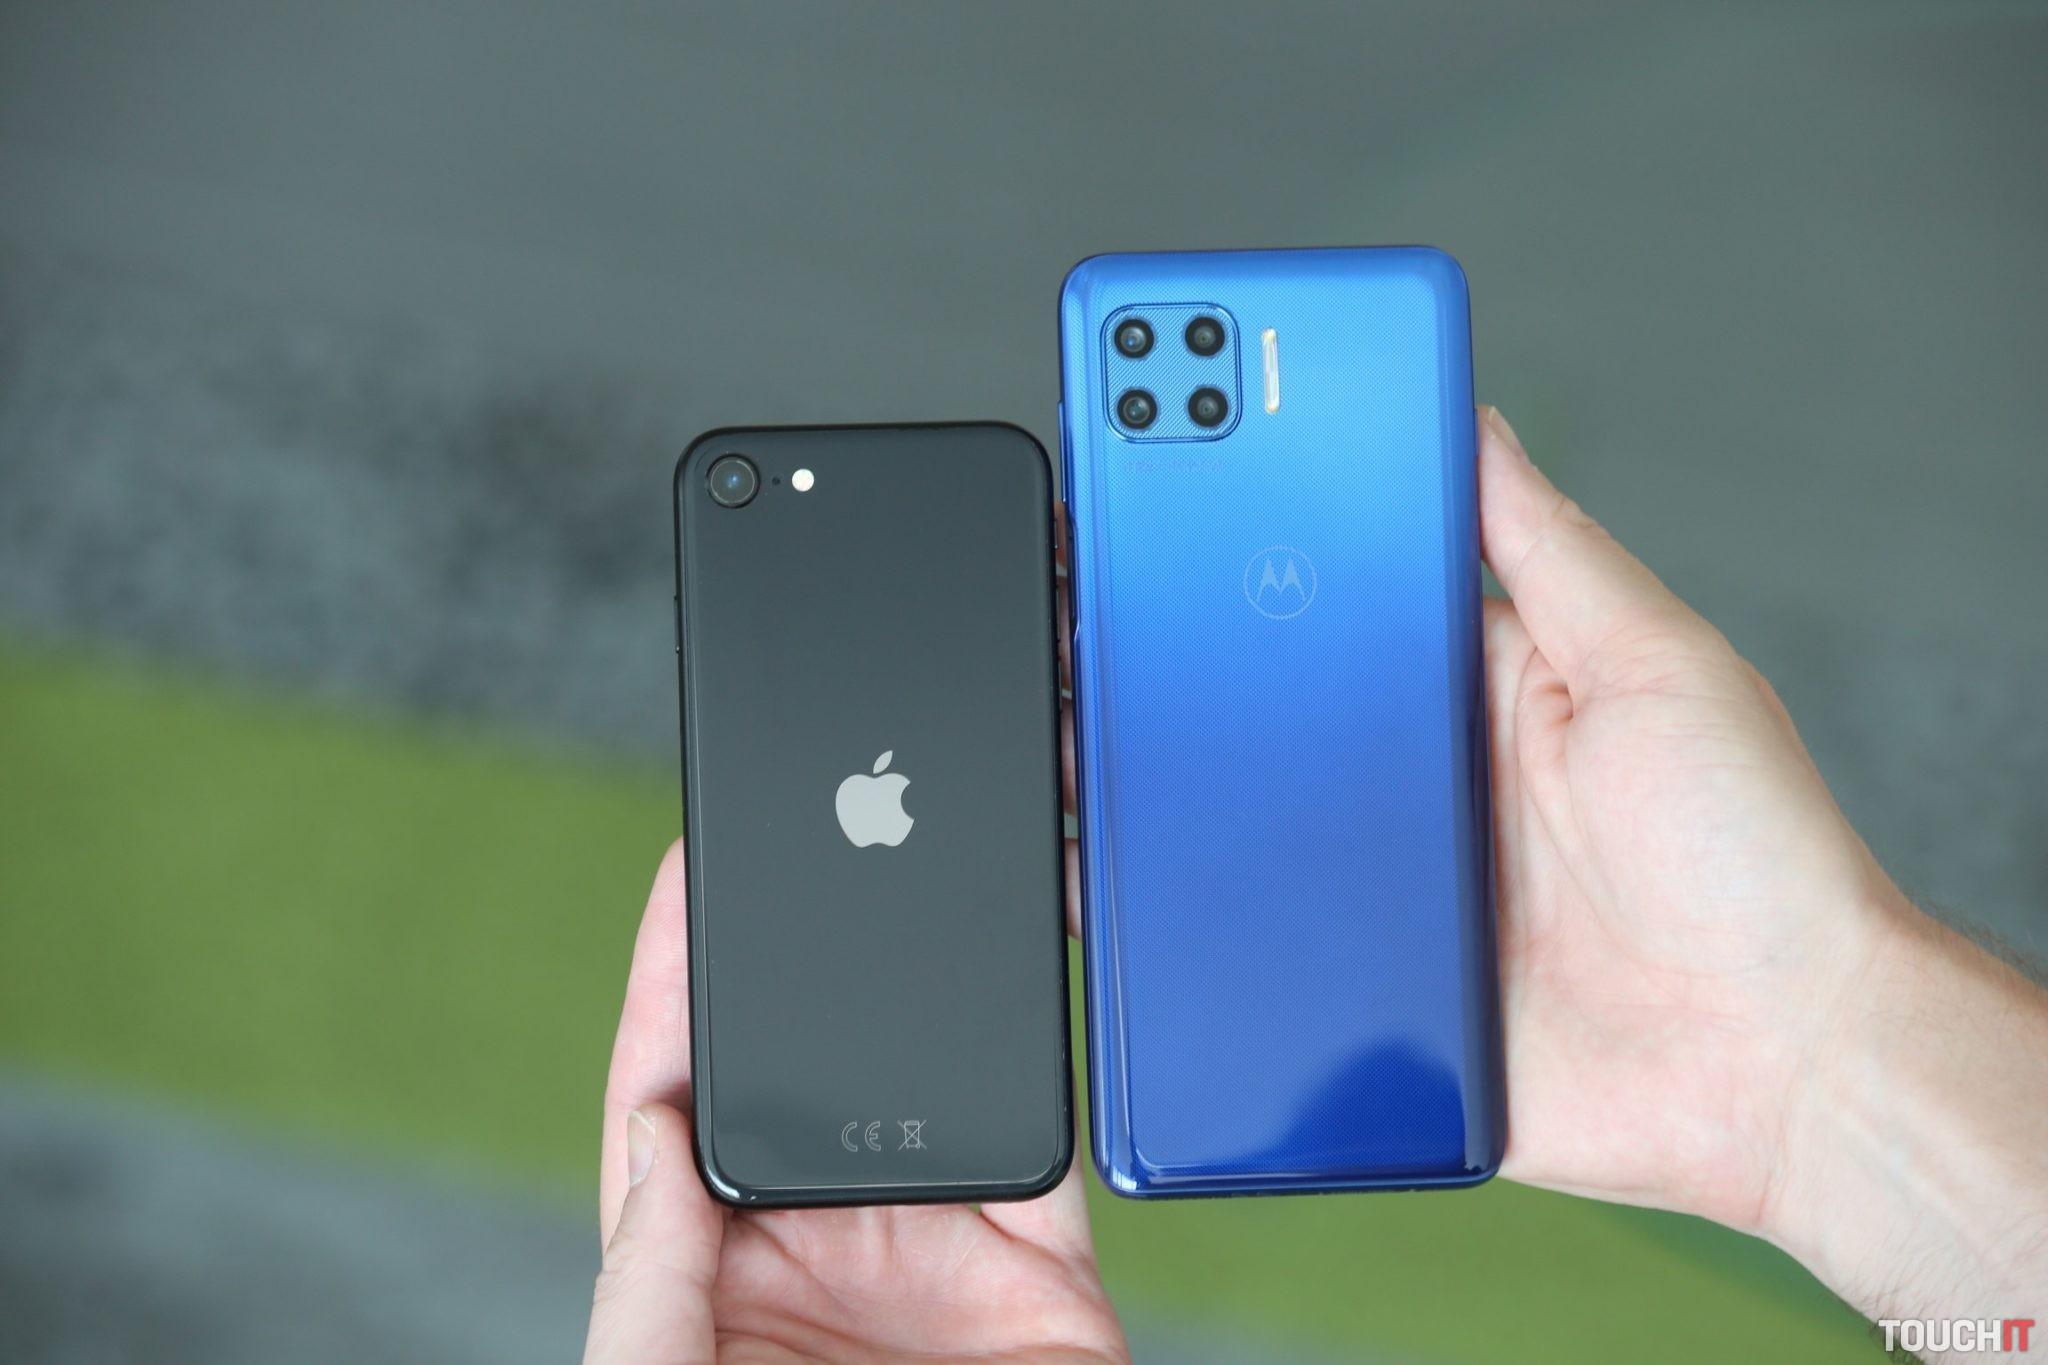 iphone se / moto g 5G plus